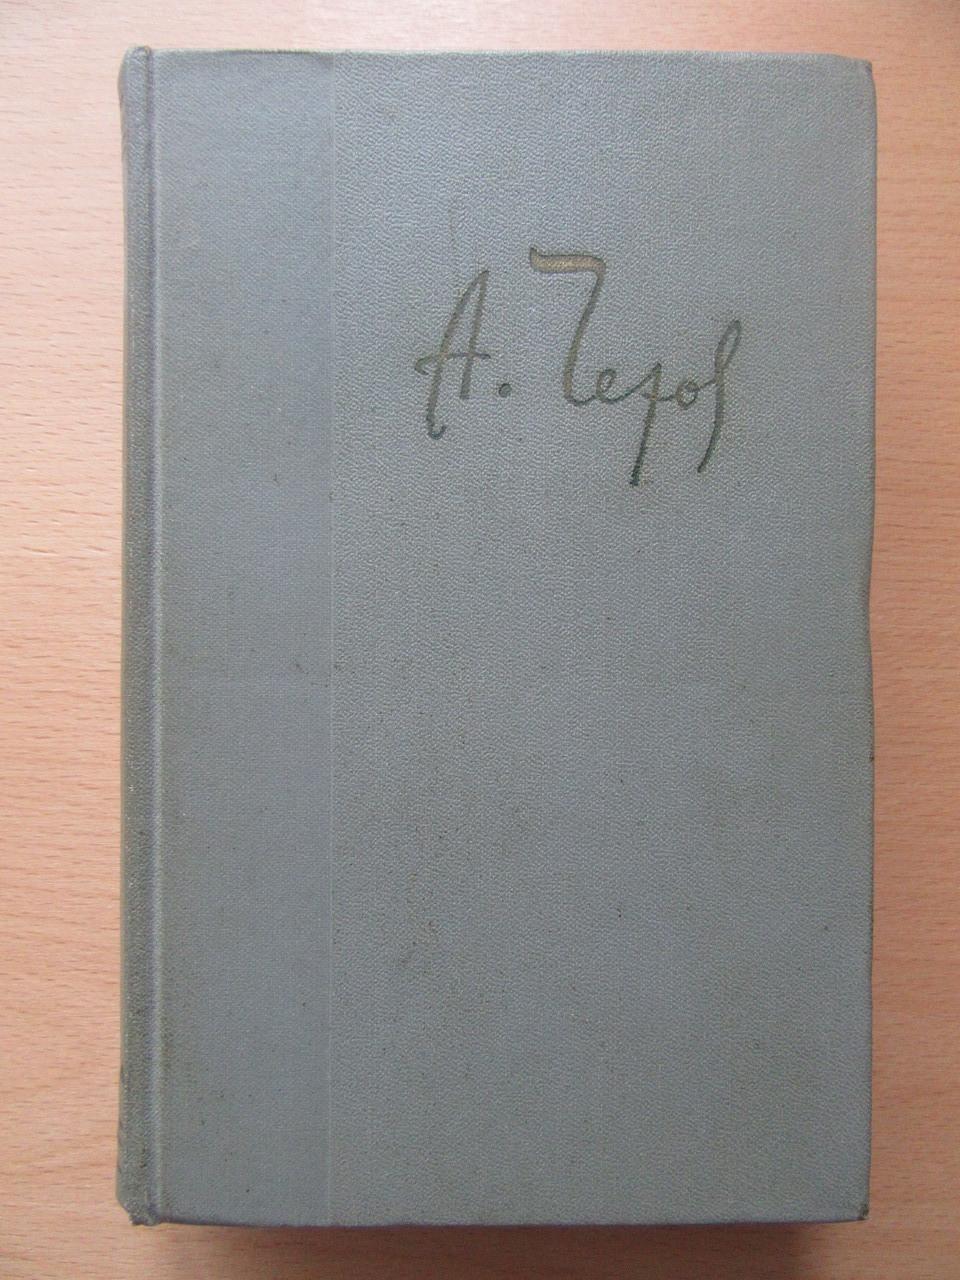 А.П.Чехов. Письма 1893-1904гг. Том 12-й СС в 12-ти томах. 1964г